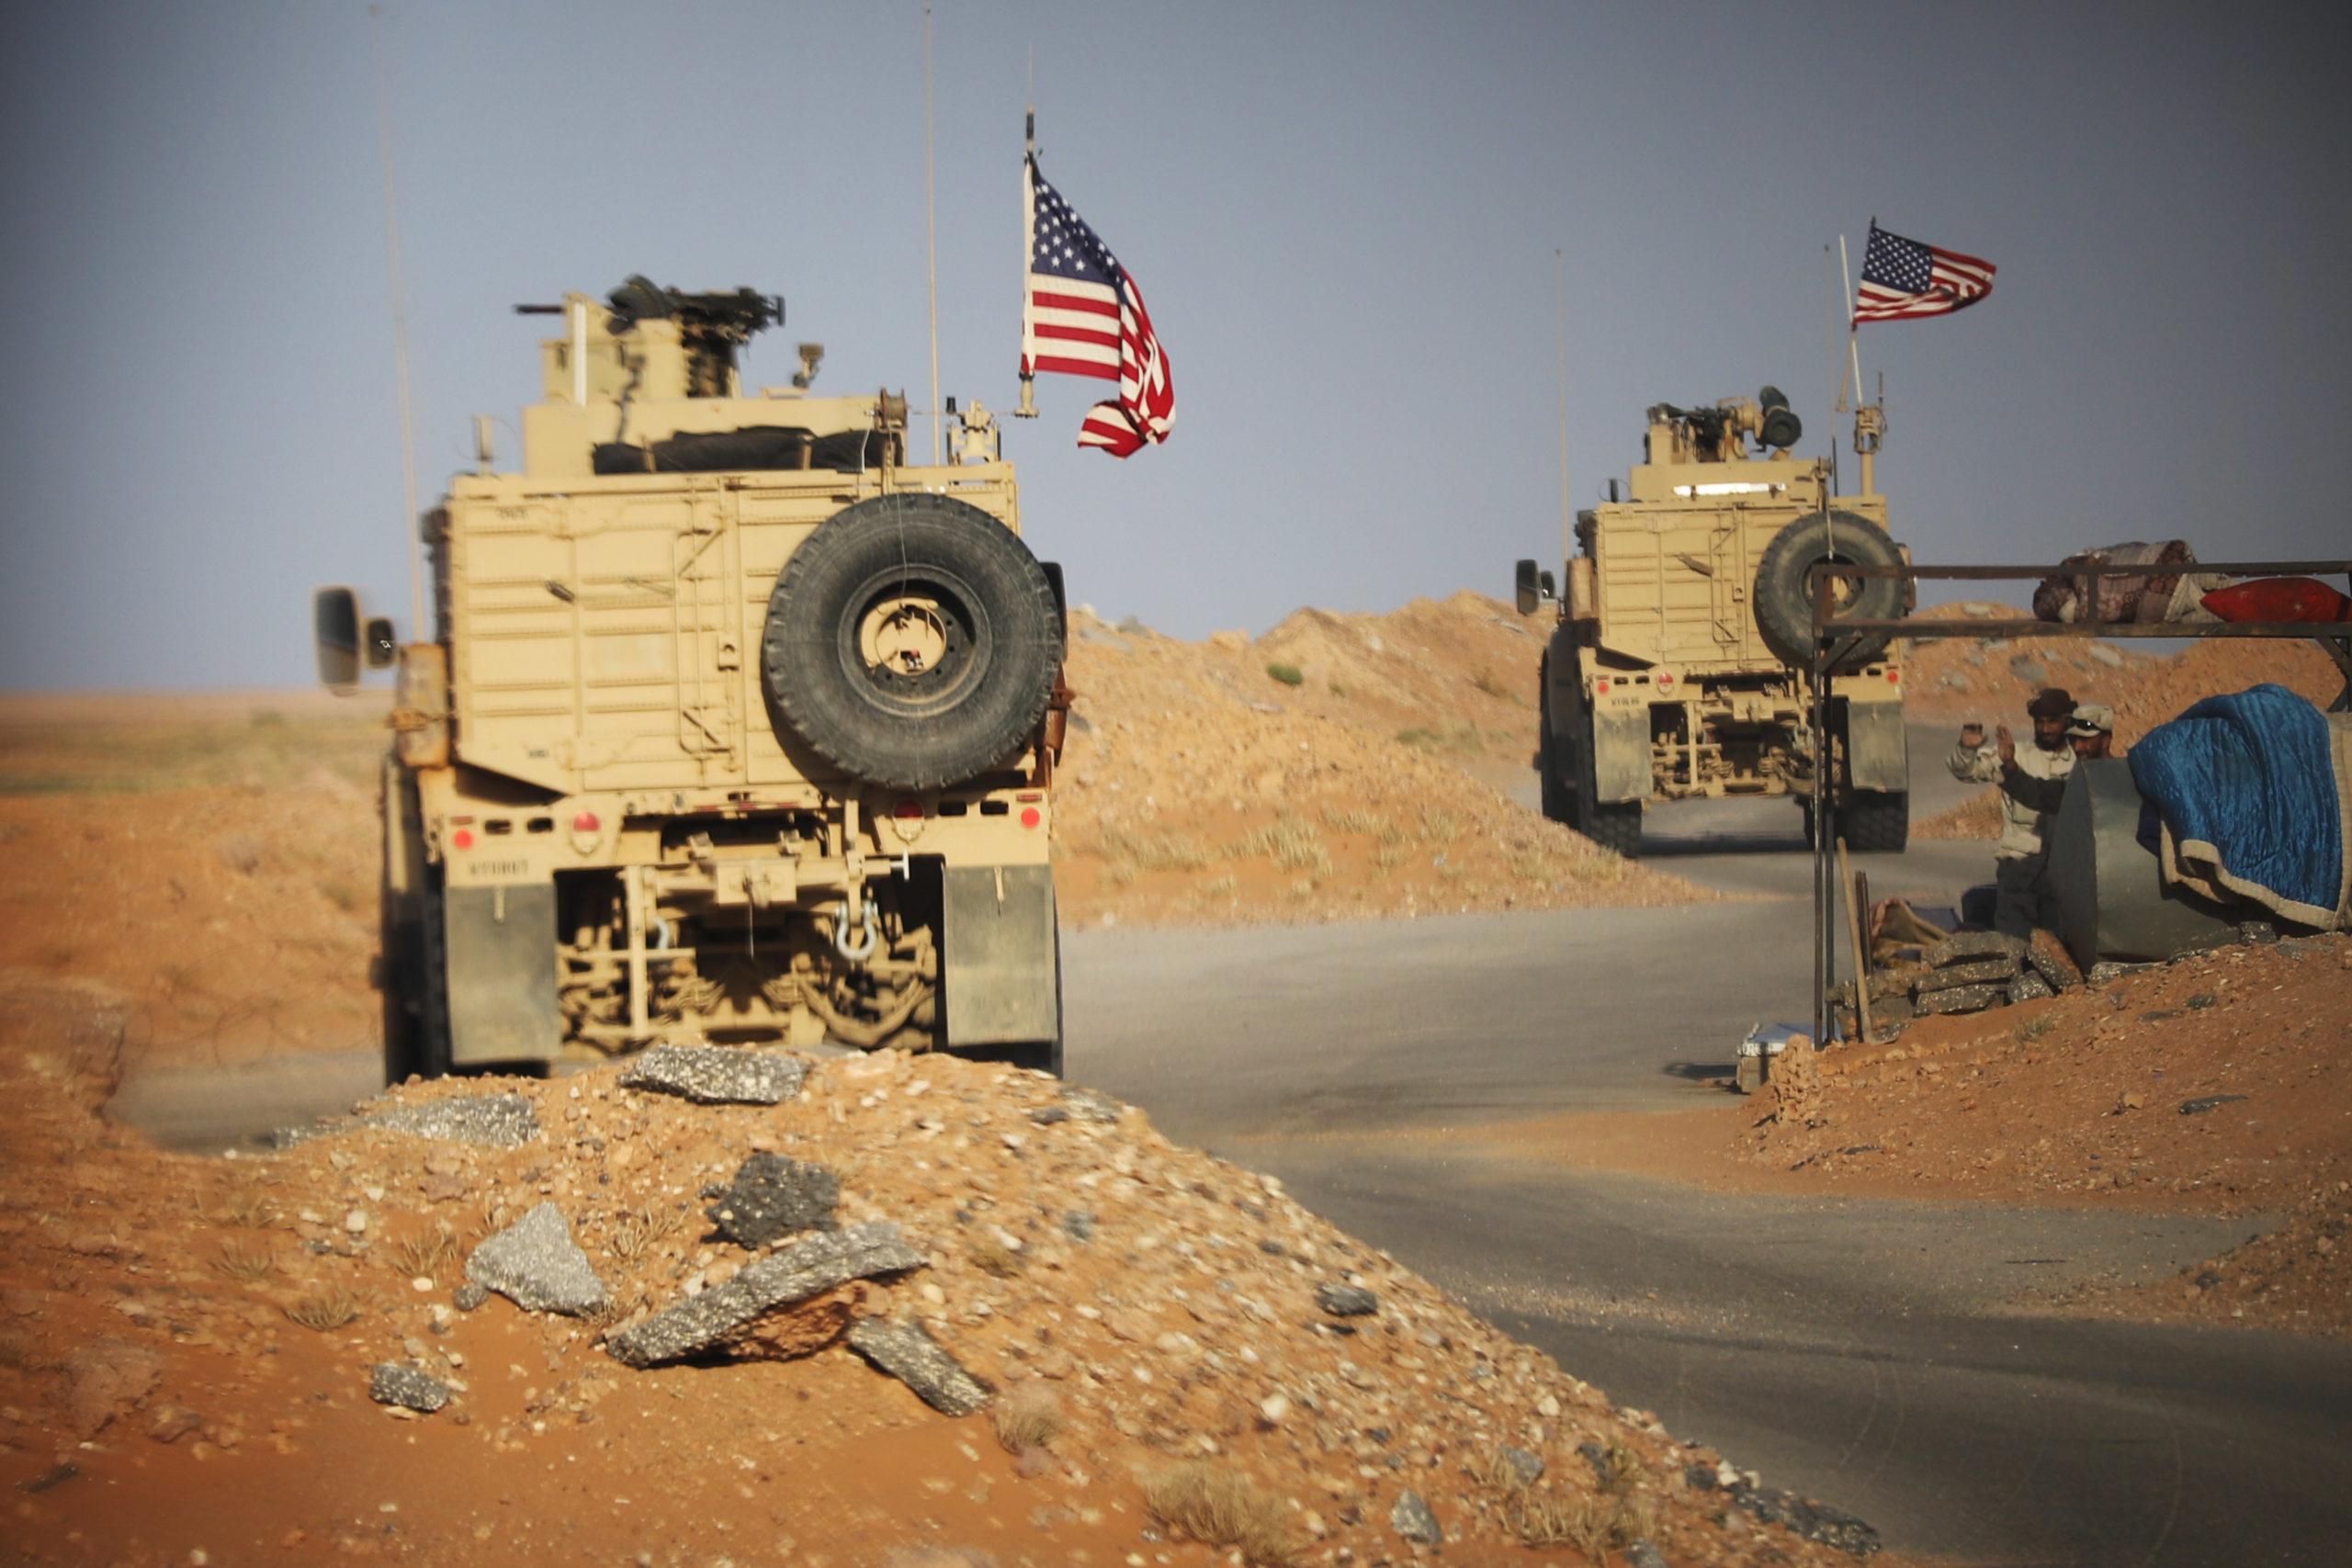 叙利亚刚发表谴责,俄罗斯基地就被炸弹袭击,美国鼓动库尔德下手